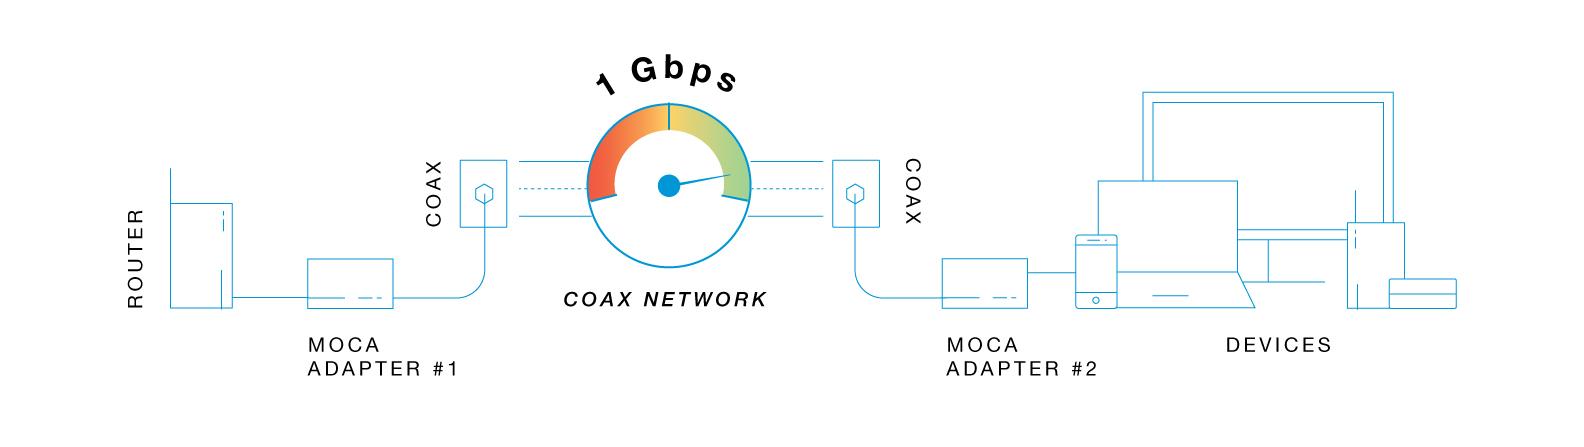 Moca Network Adapters Actiontec